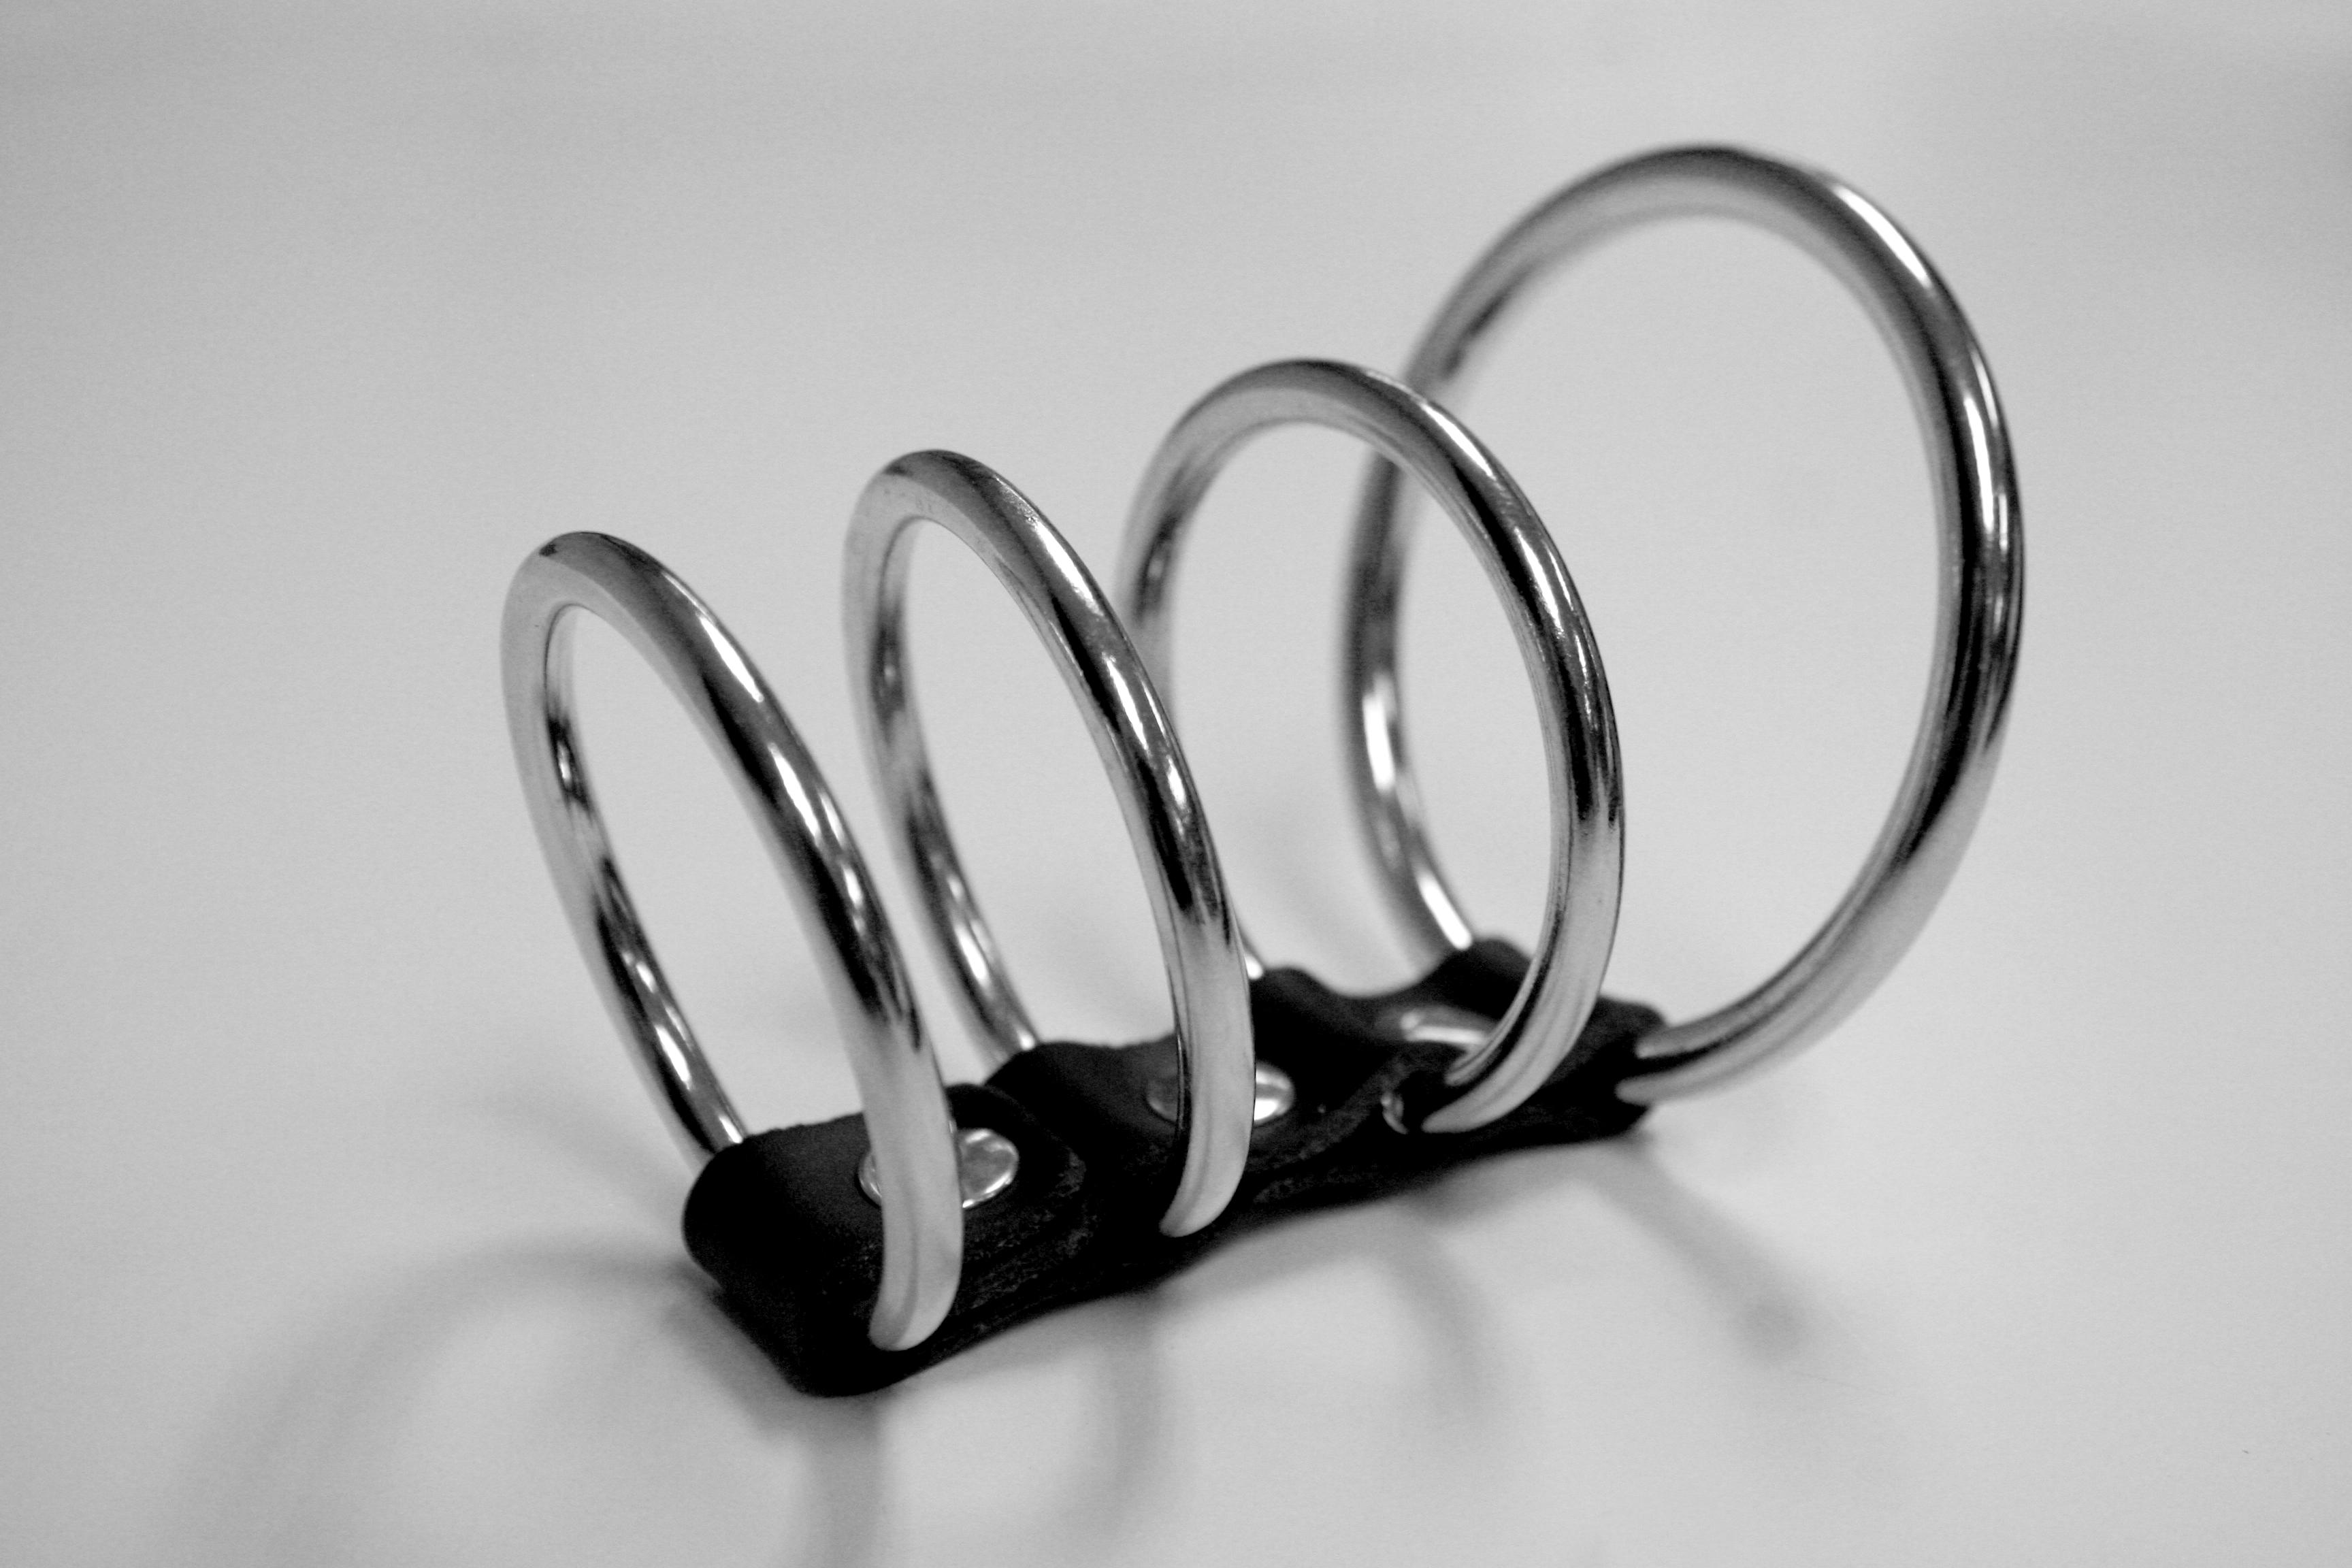 Эрекционные кольца на члене фото 7 фотография